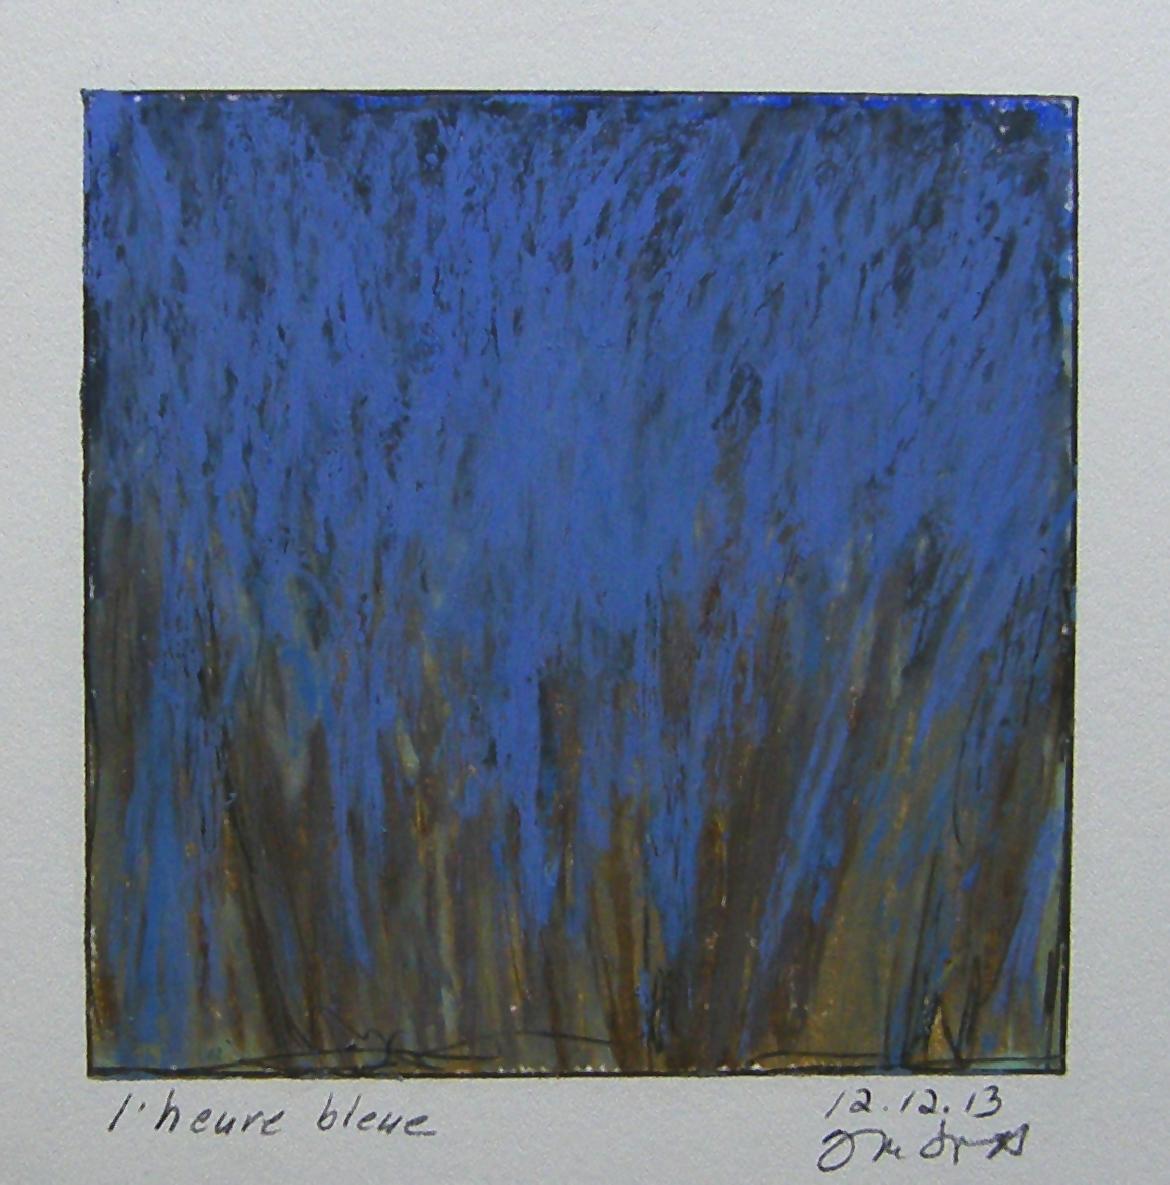 12.12.13 l'heure bleue.JPG